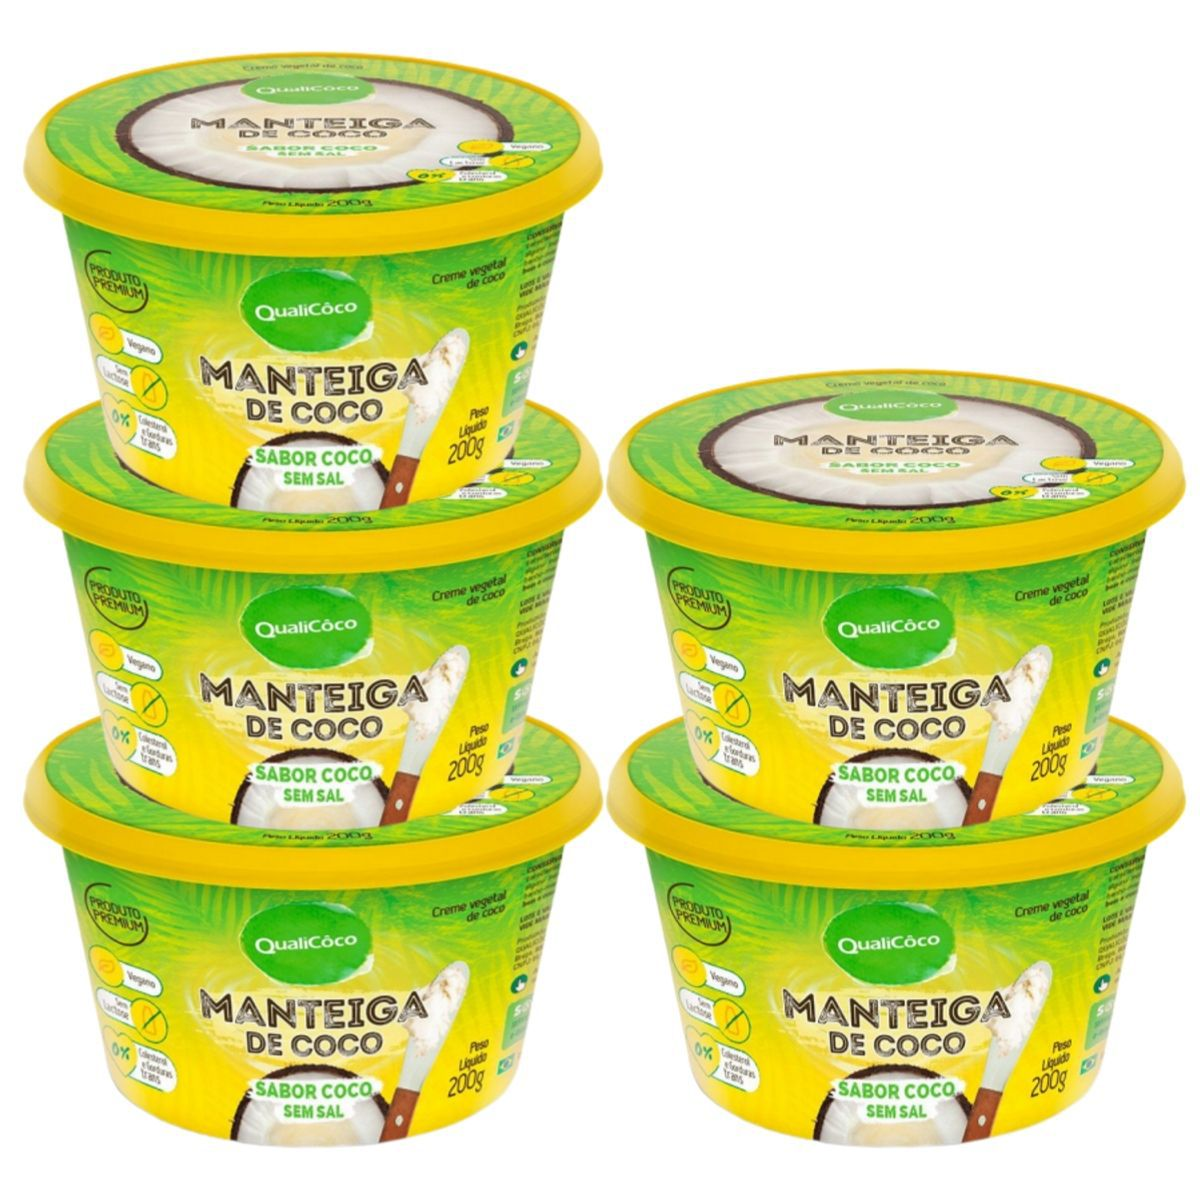 Kit 5 Manteigas De Coco Sem Sal Sabor Coco 200g - QualiCôco